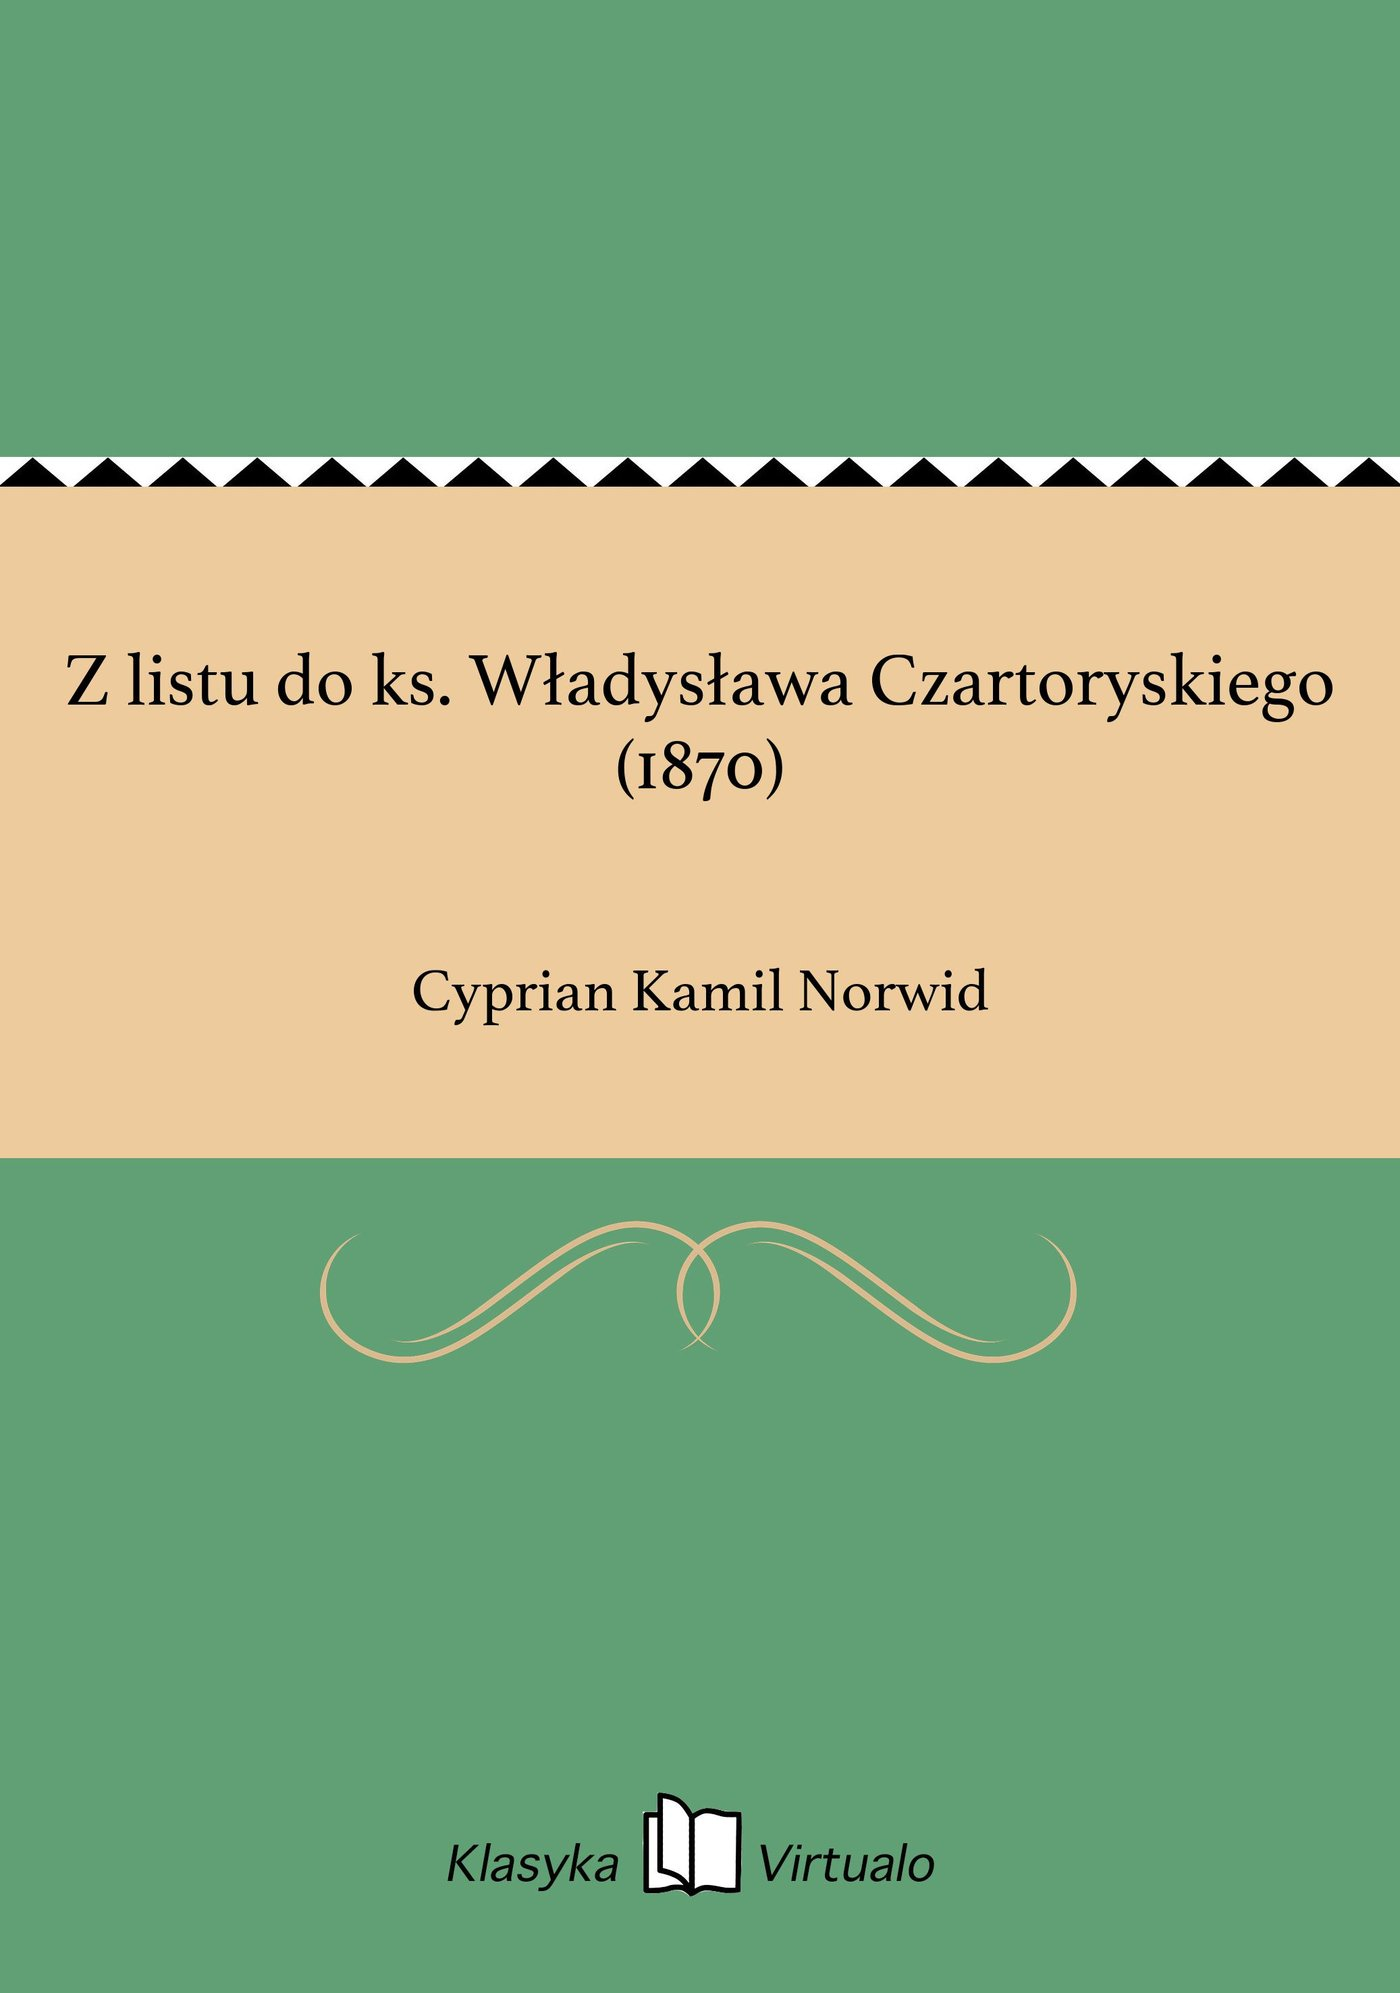 Z listu do ks. Władysława Czartoryskiego (1870) - Ebook (Książka na Kindle) do pobrania w formacie MOBI